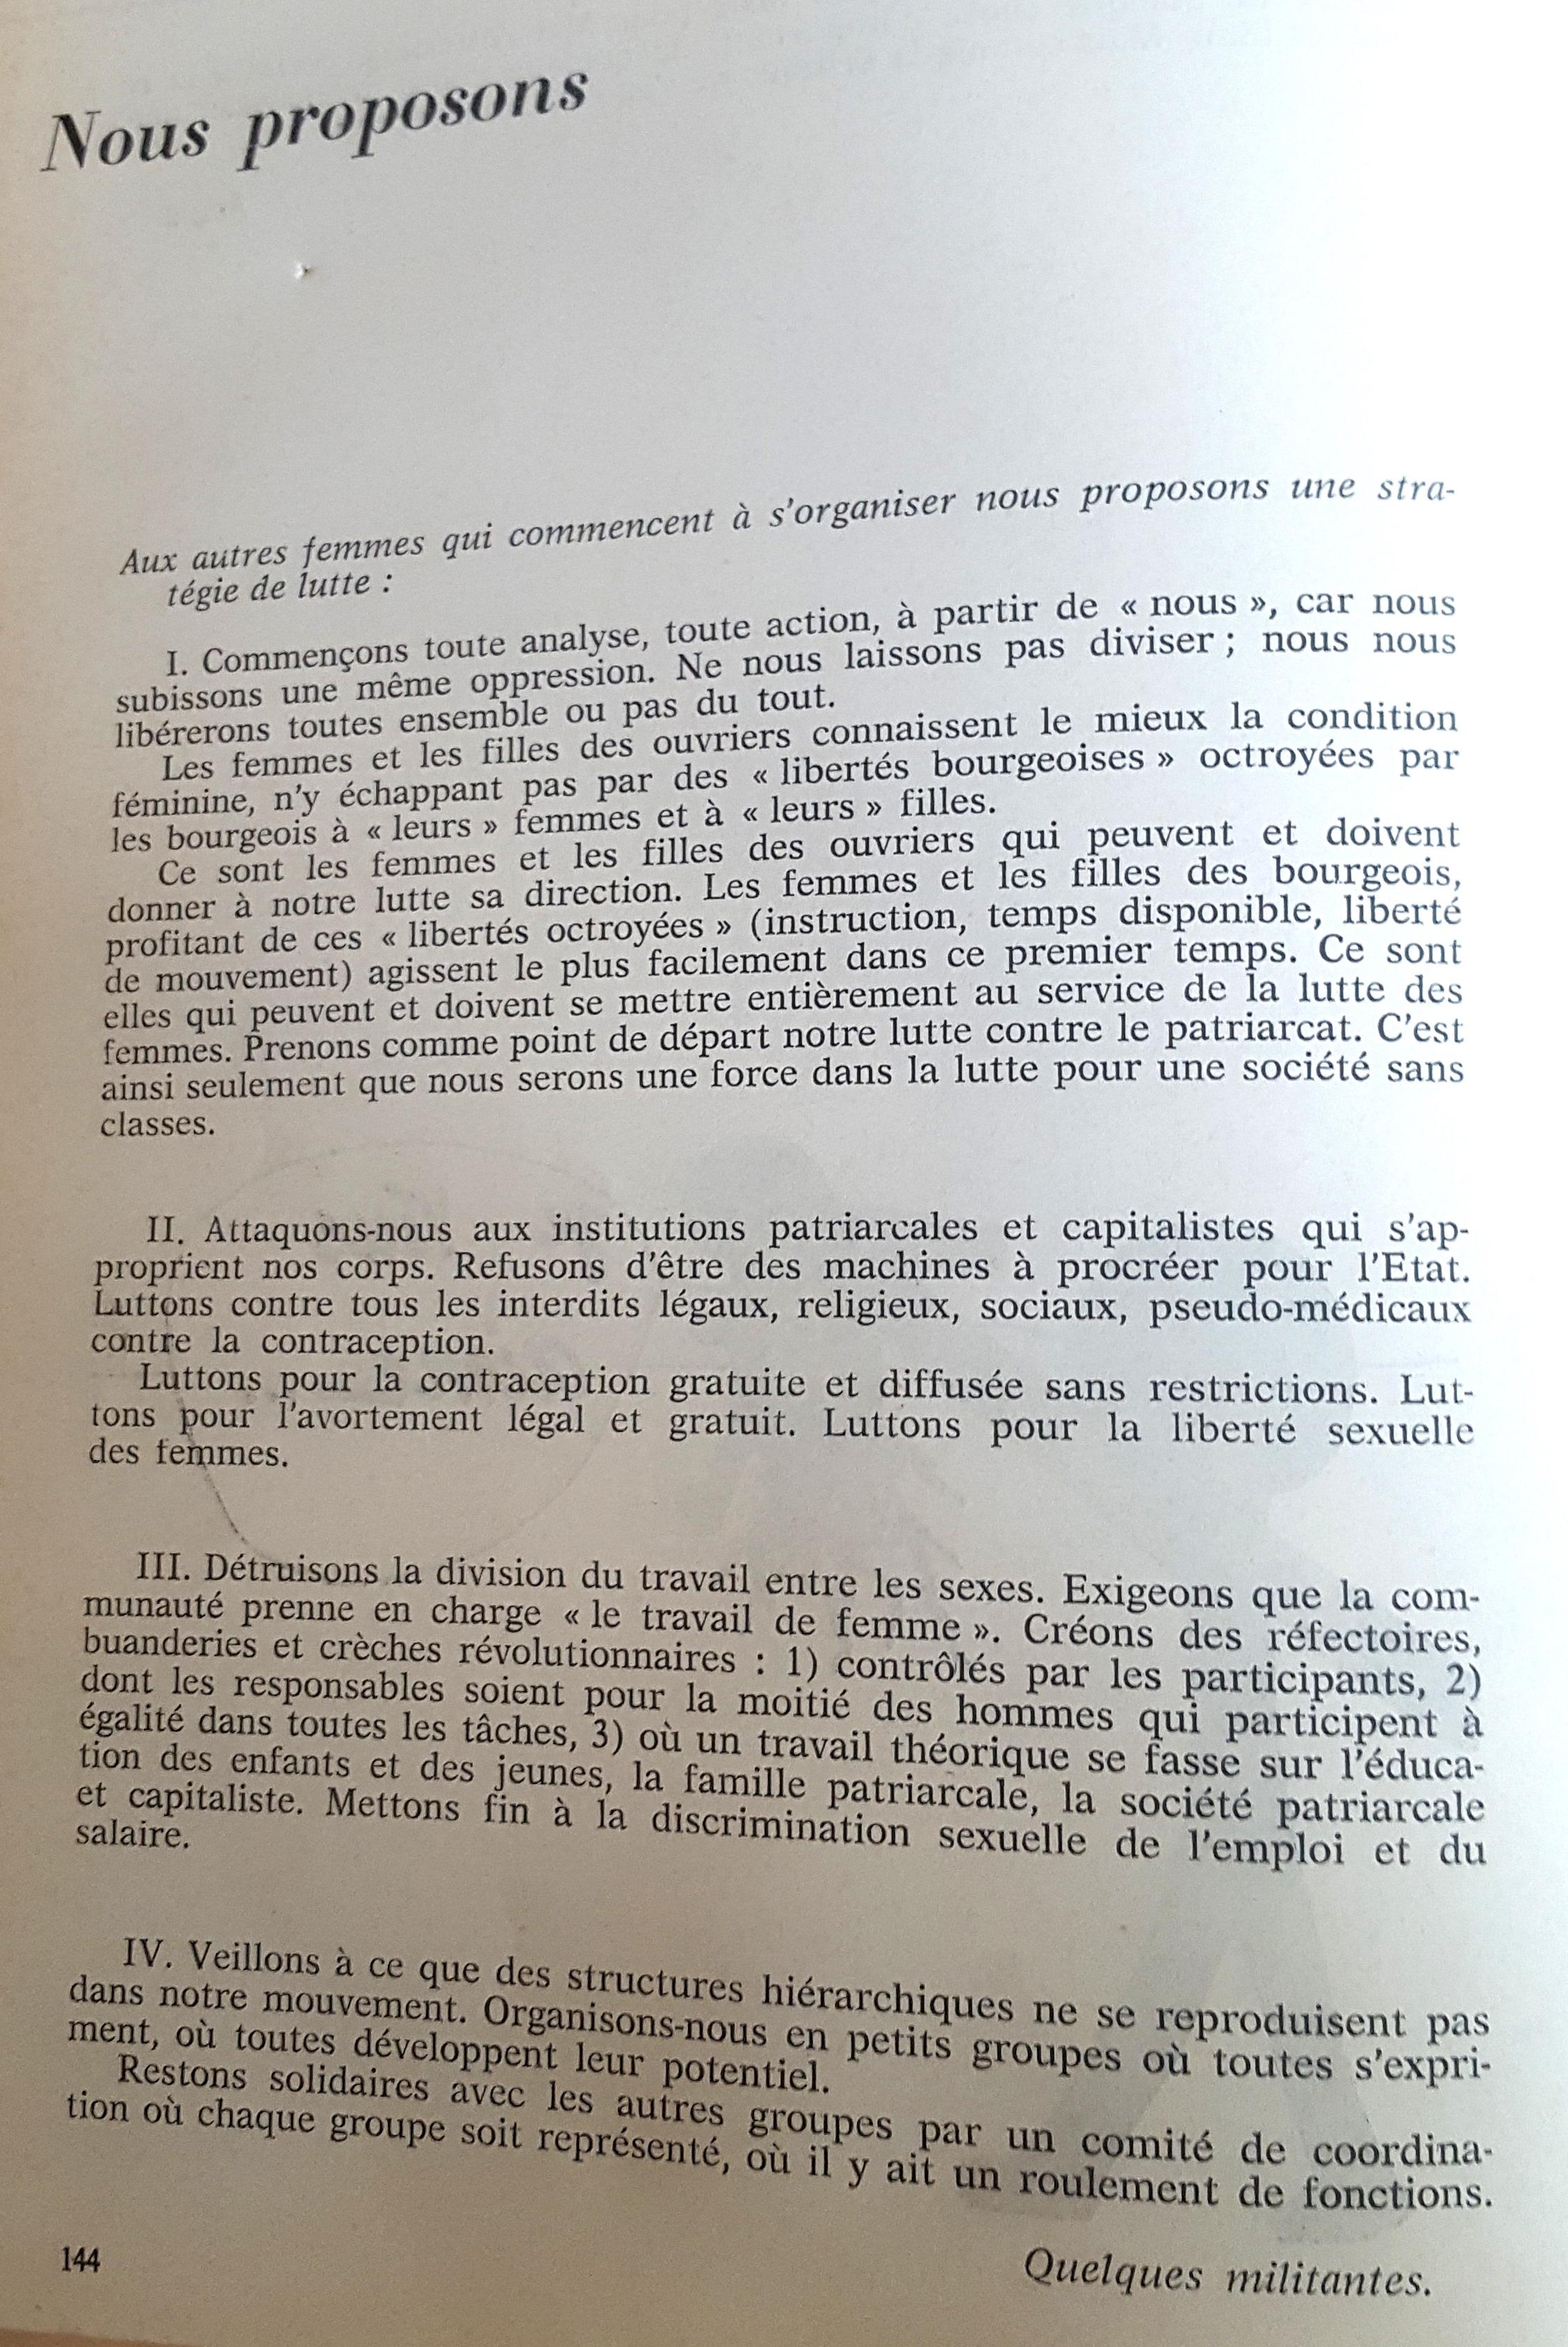 """Libération des femmes, année zéro, """"Nous proposons"""""""